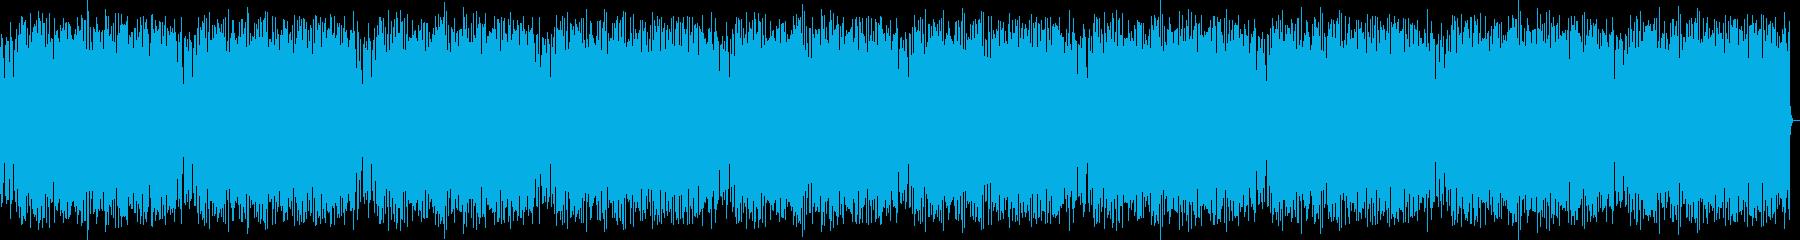 リズミカルで楽しげな音楽の再生済みの波形